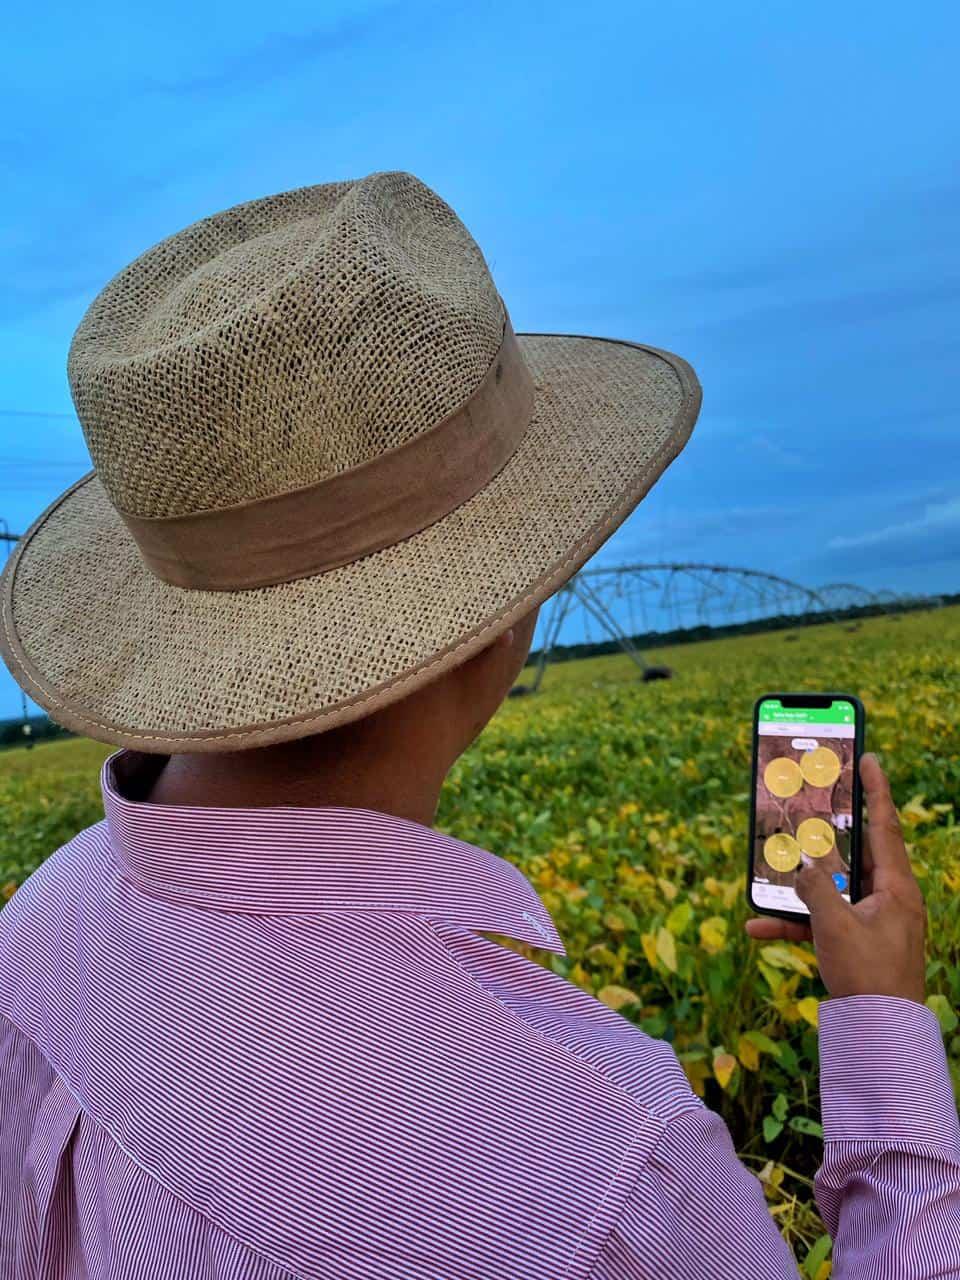 produtor rural Fernando Ishikawa virado de costas com um chapéu de palha, no meio da lavoura de soja, segurando um celular que mostra o monitoramento da área pelo sistema de gestão rural Aegro